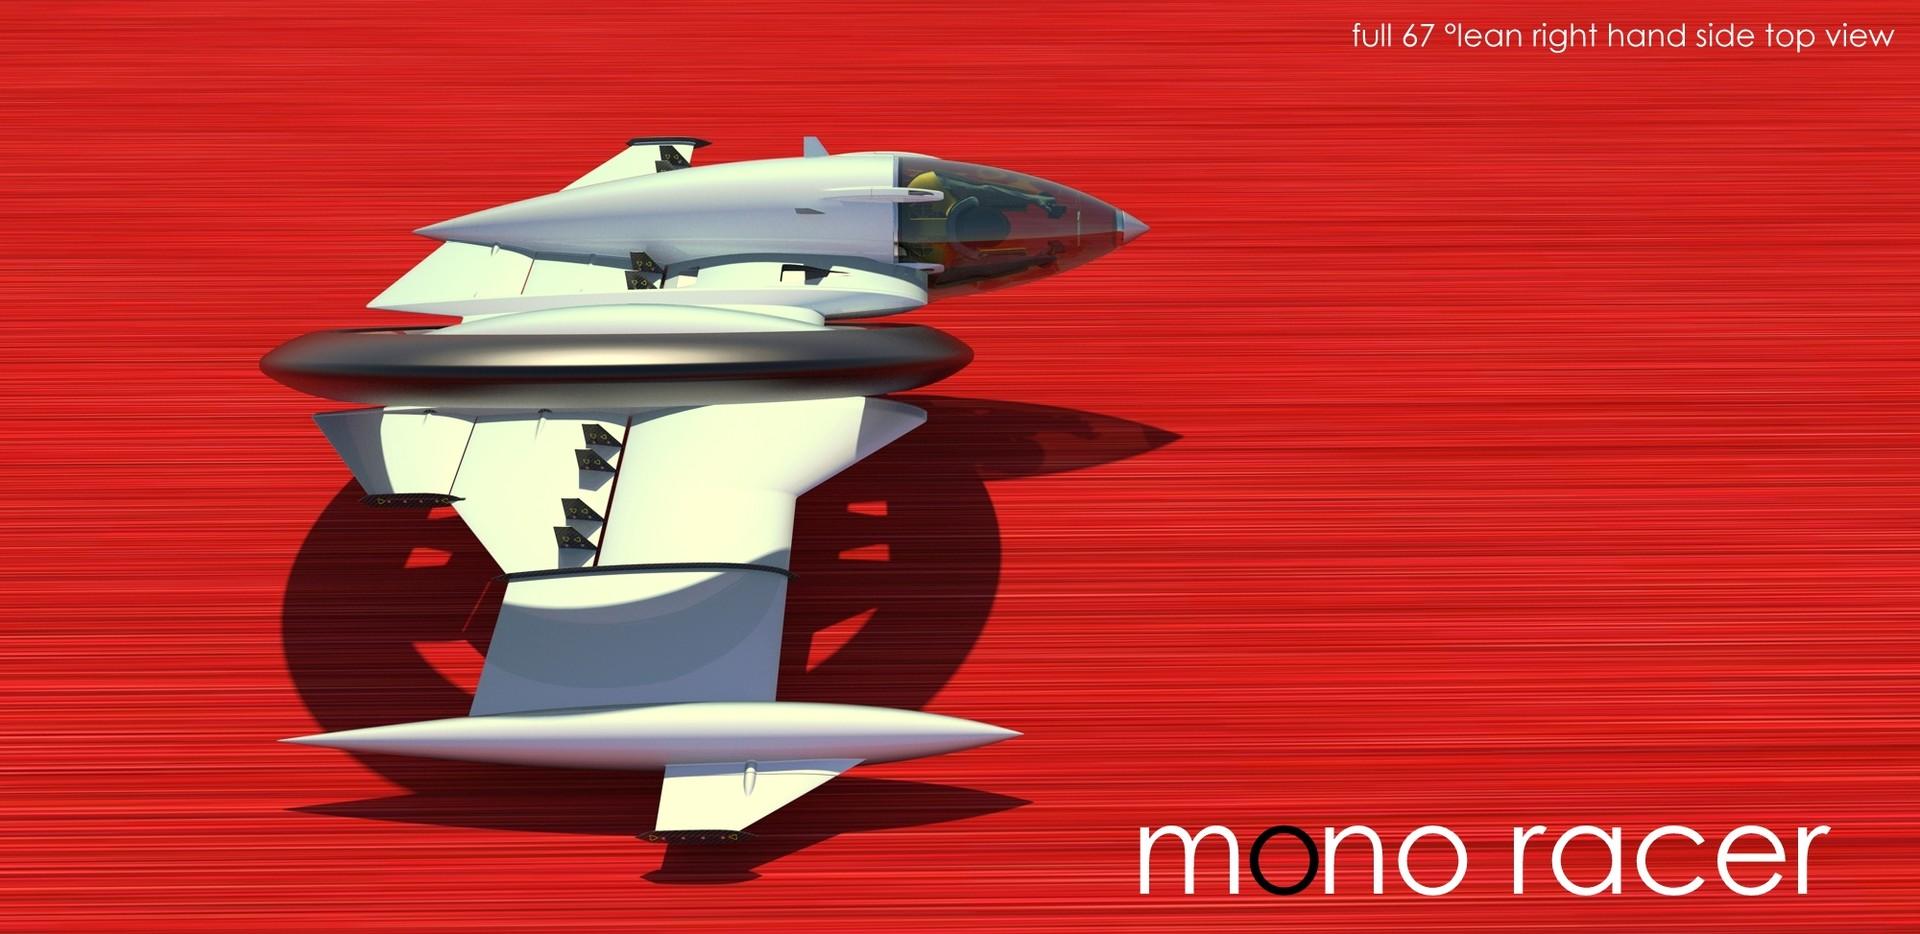 Joachim sverd monoracer57